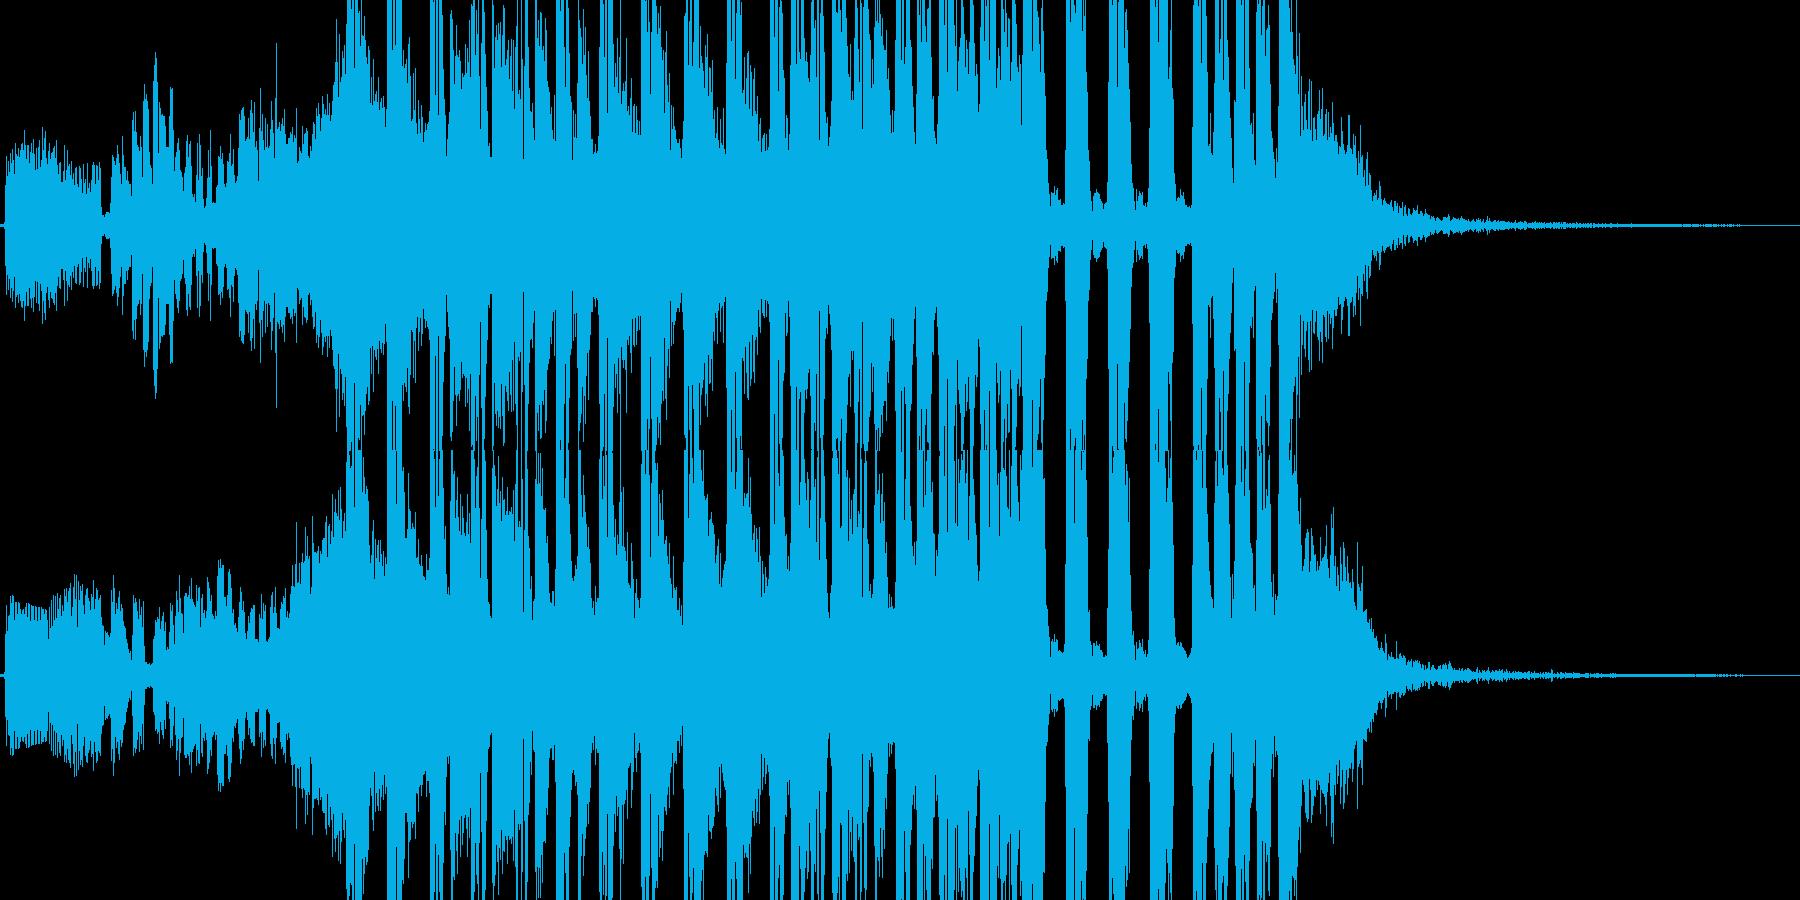 駆け足、徒競走イメージのテクノジングルの再生済みの波形